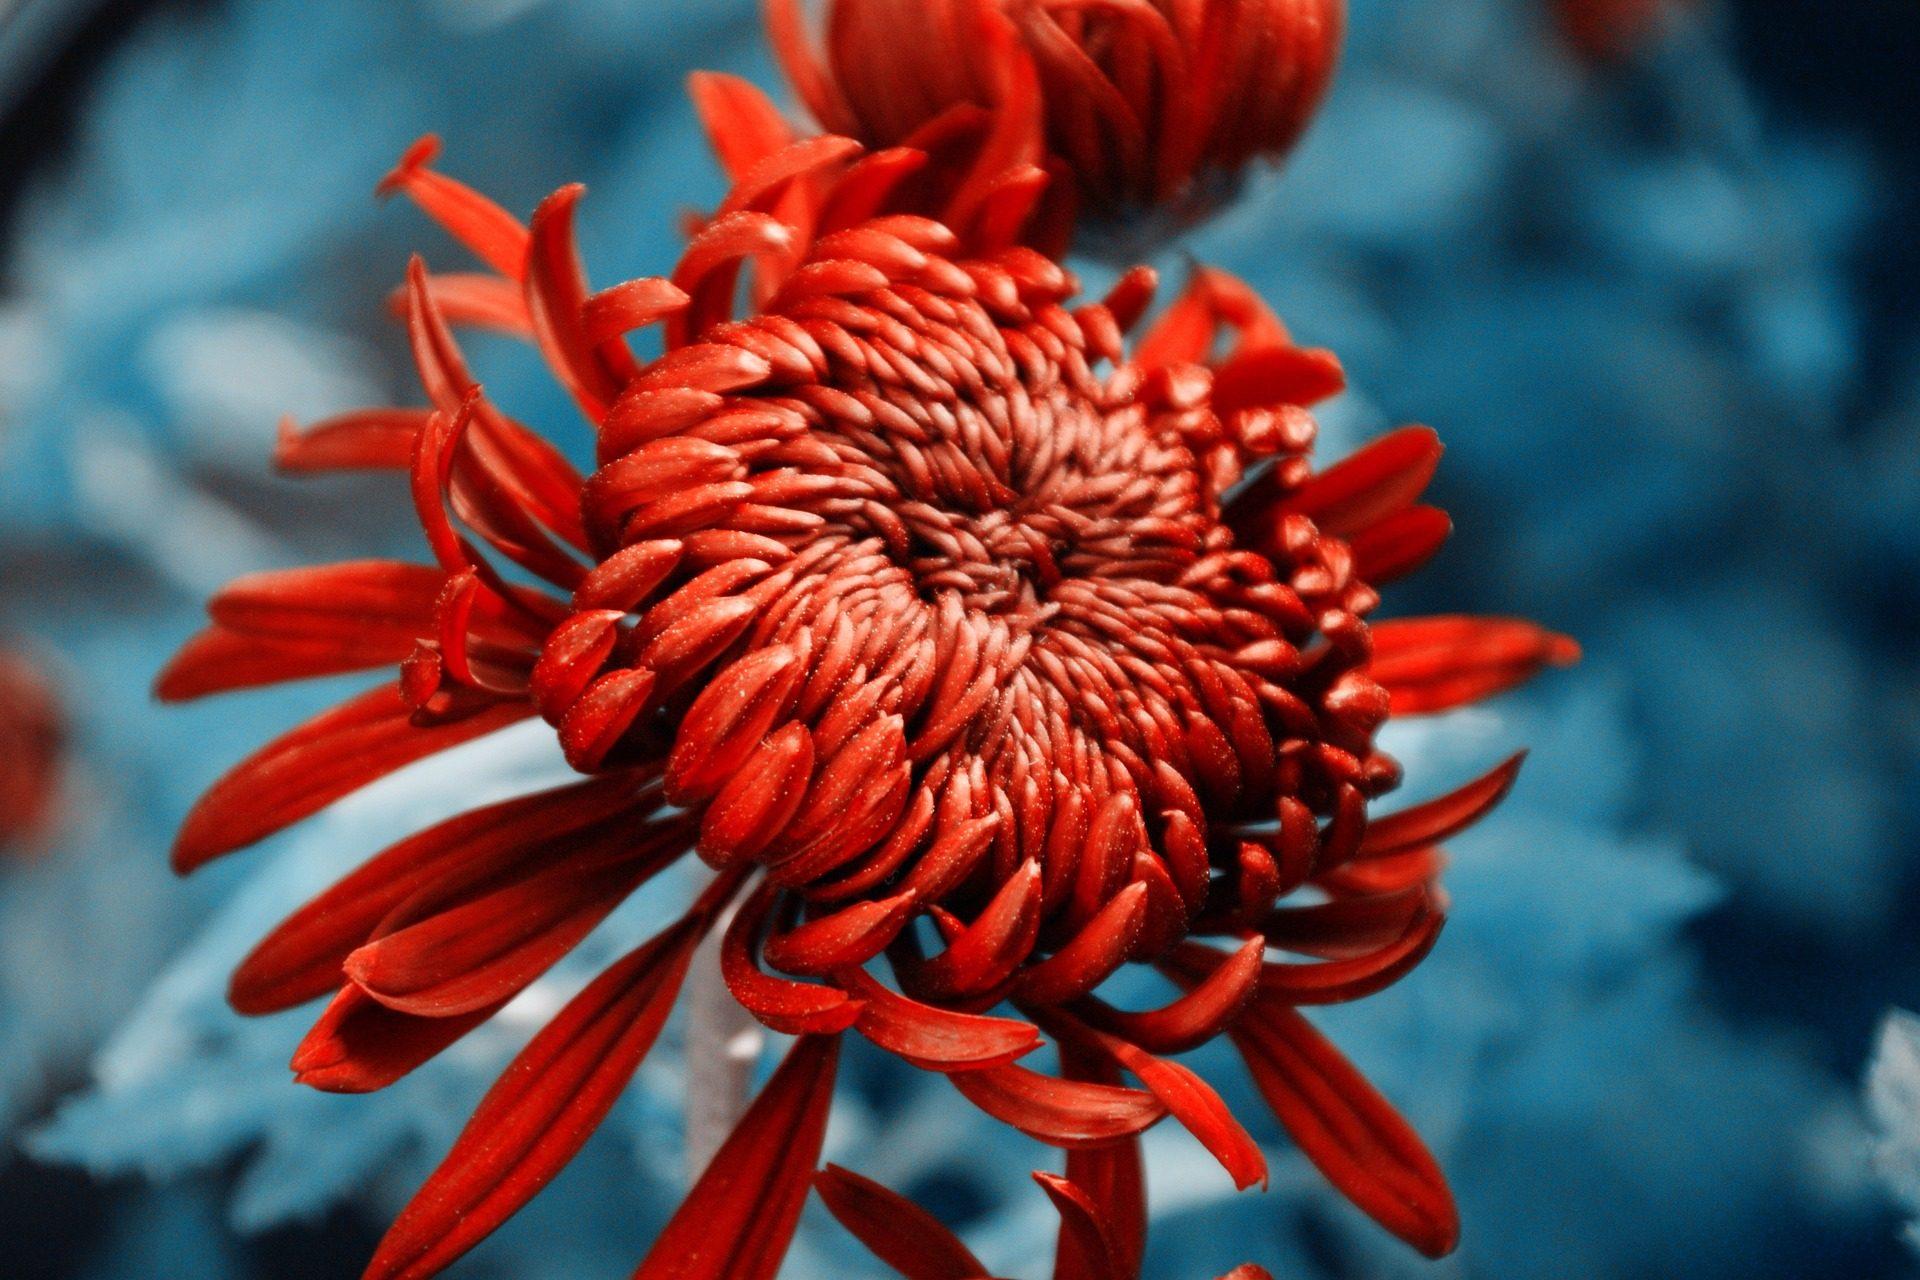 Хризантема, цветок, лепестки, Блум, красочные, о - Обои HD - Профессор falken.com